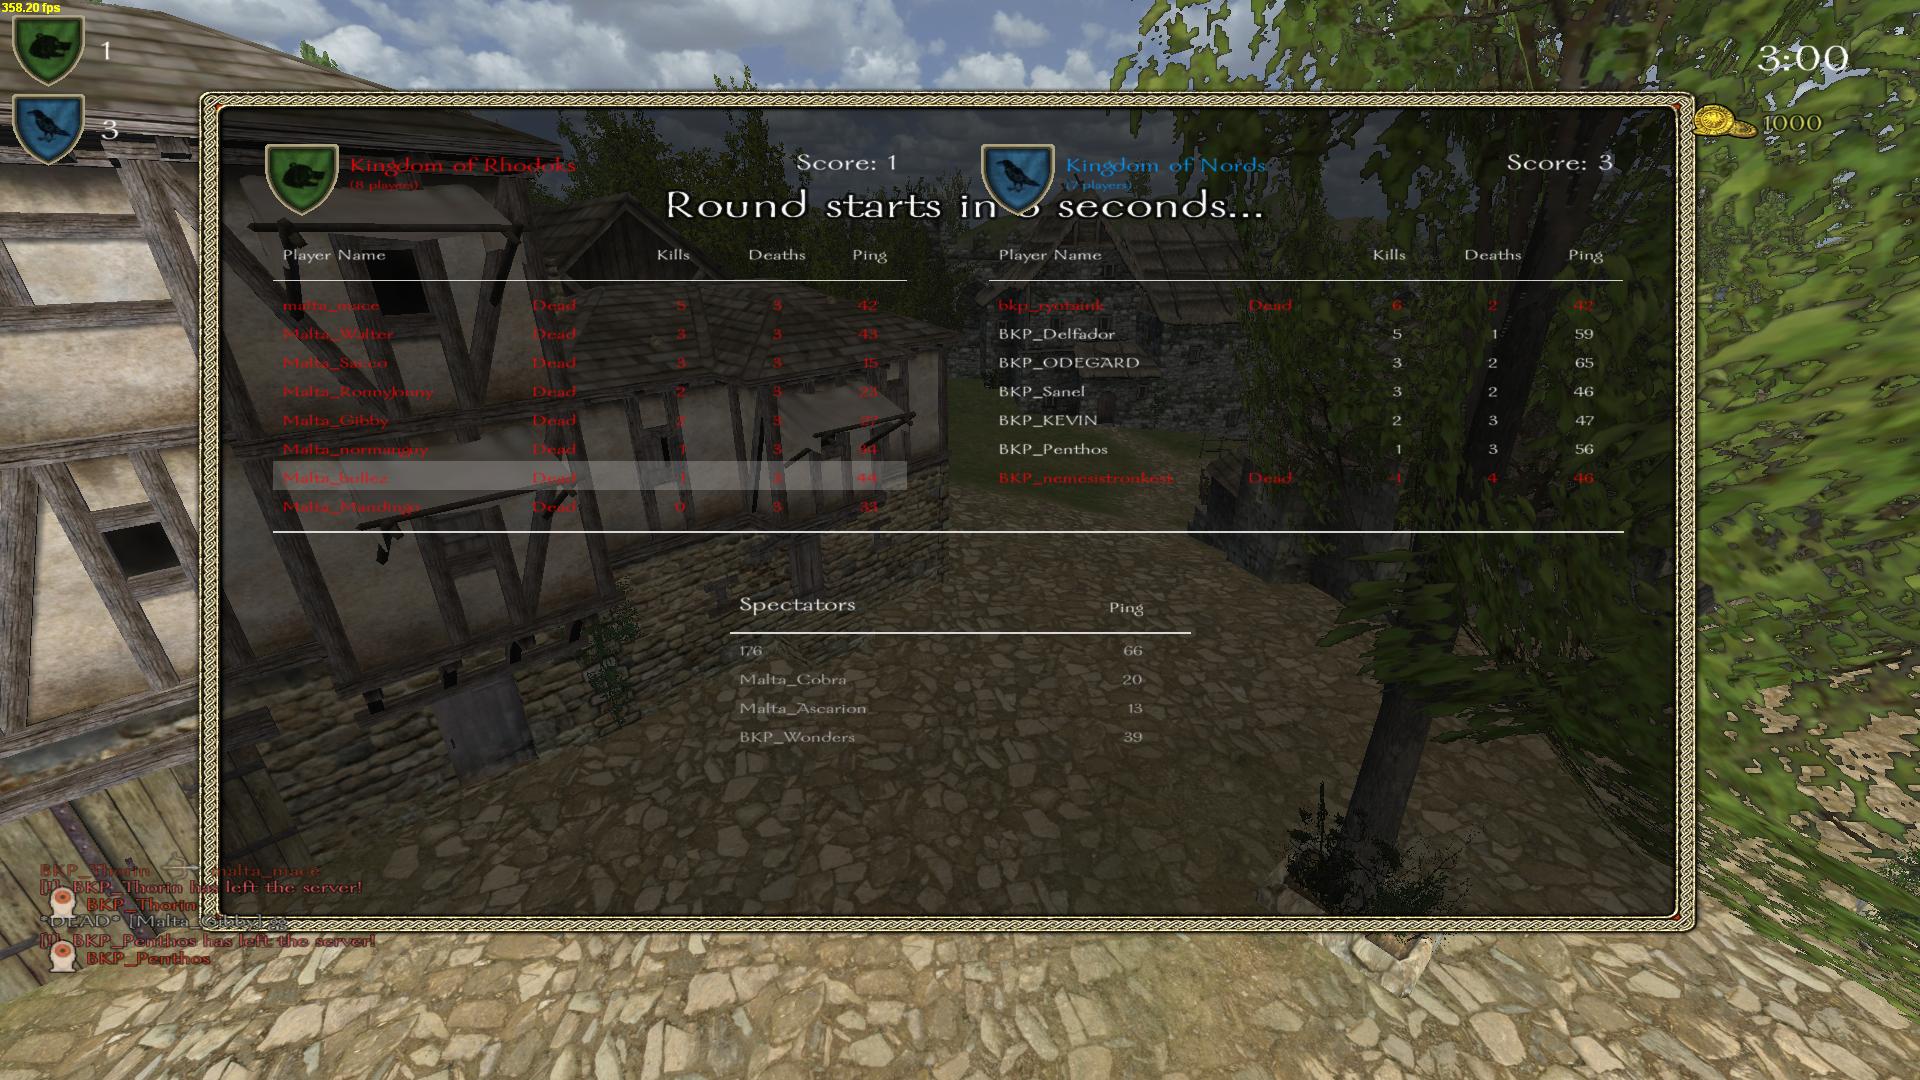 Mount-Blade-Warband-Screenshot-2021-05-19-21-56-20-90.png